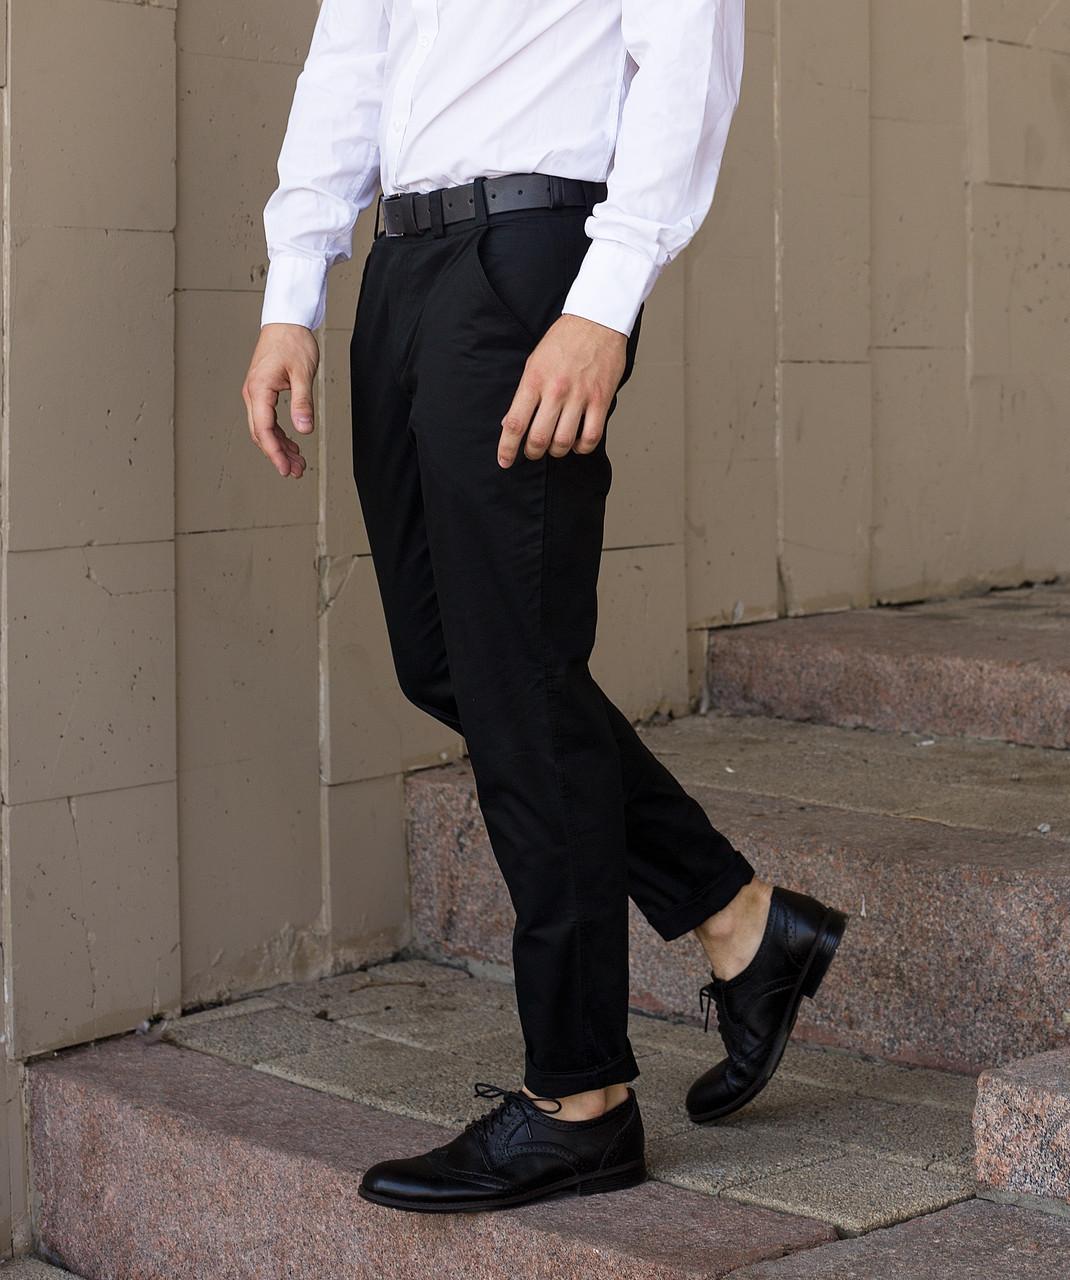 Штани чіноси чорні чоловічі бренд ТУР модель Стрендж (Strange) розмір S, M, L, XL